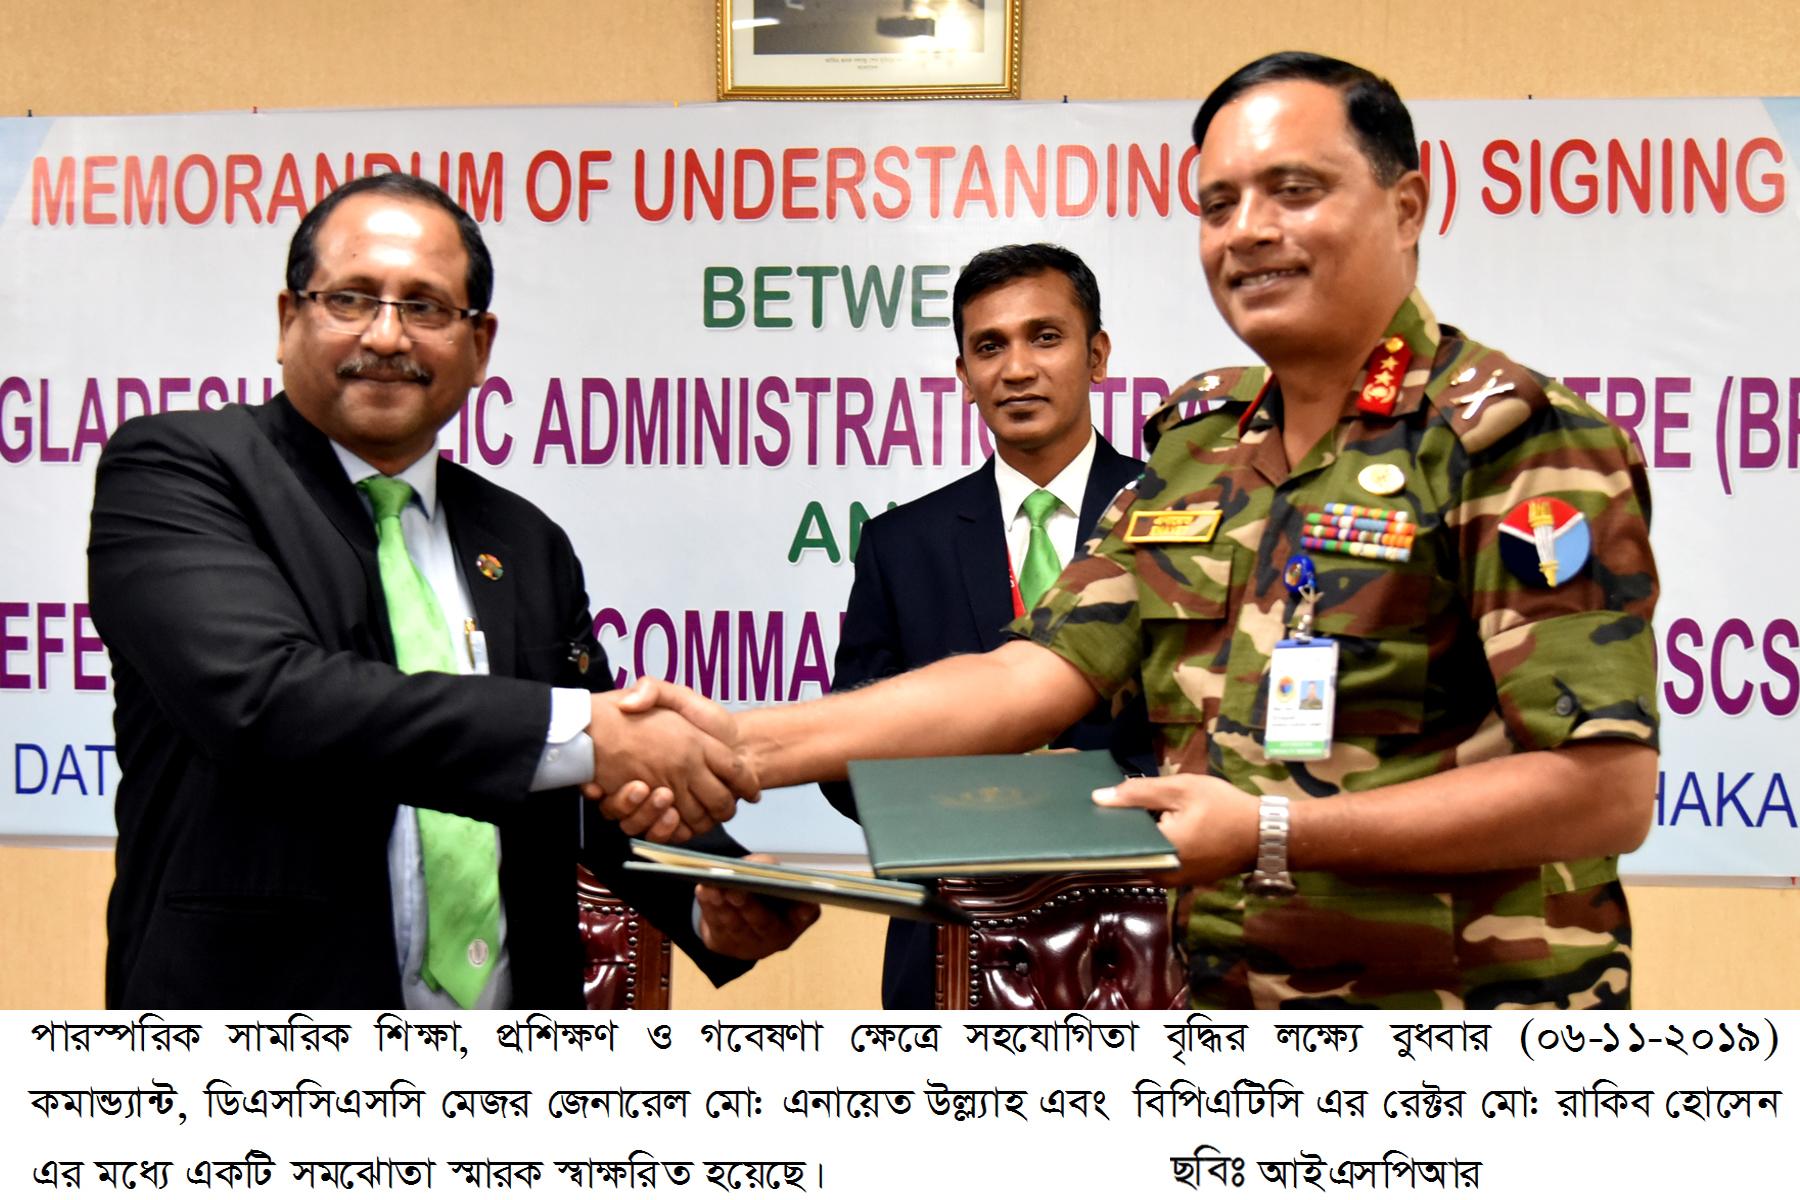 সামরিক বাহিনী কমান্ড ও স্টাফ কলেজ এবং বাংলাদেশ জনপ্রশাসন প্রশিক্ষণ  কেন্দ্র এর মধ্যে সমঝোতা স্মারক (MoU) স্বাক্ষর